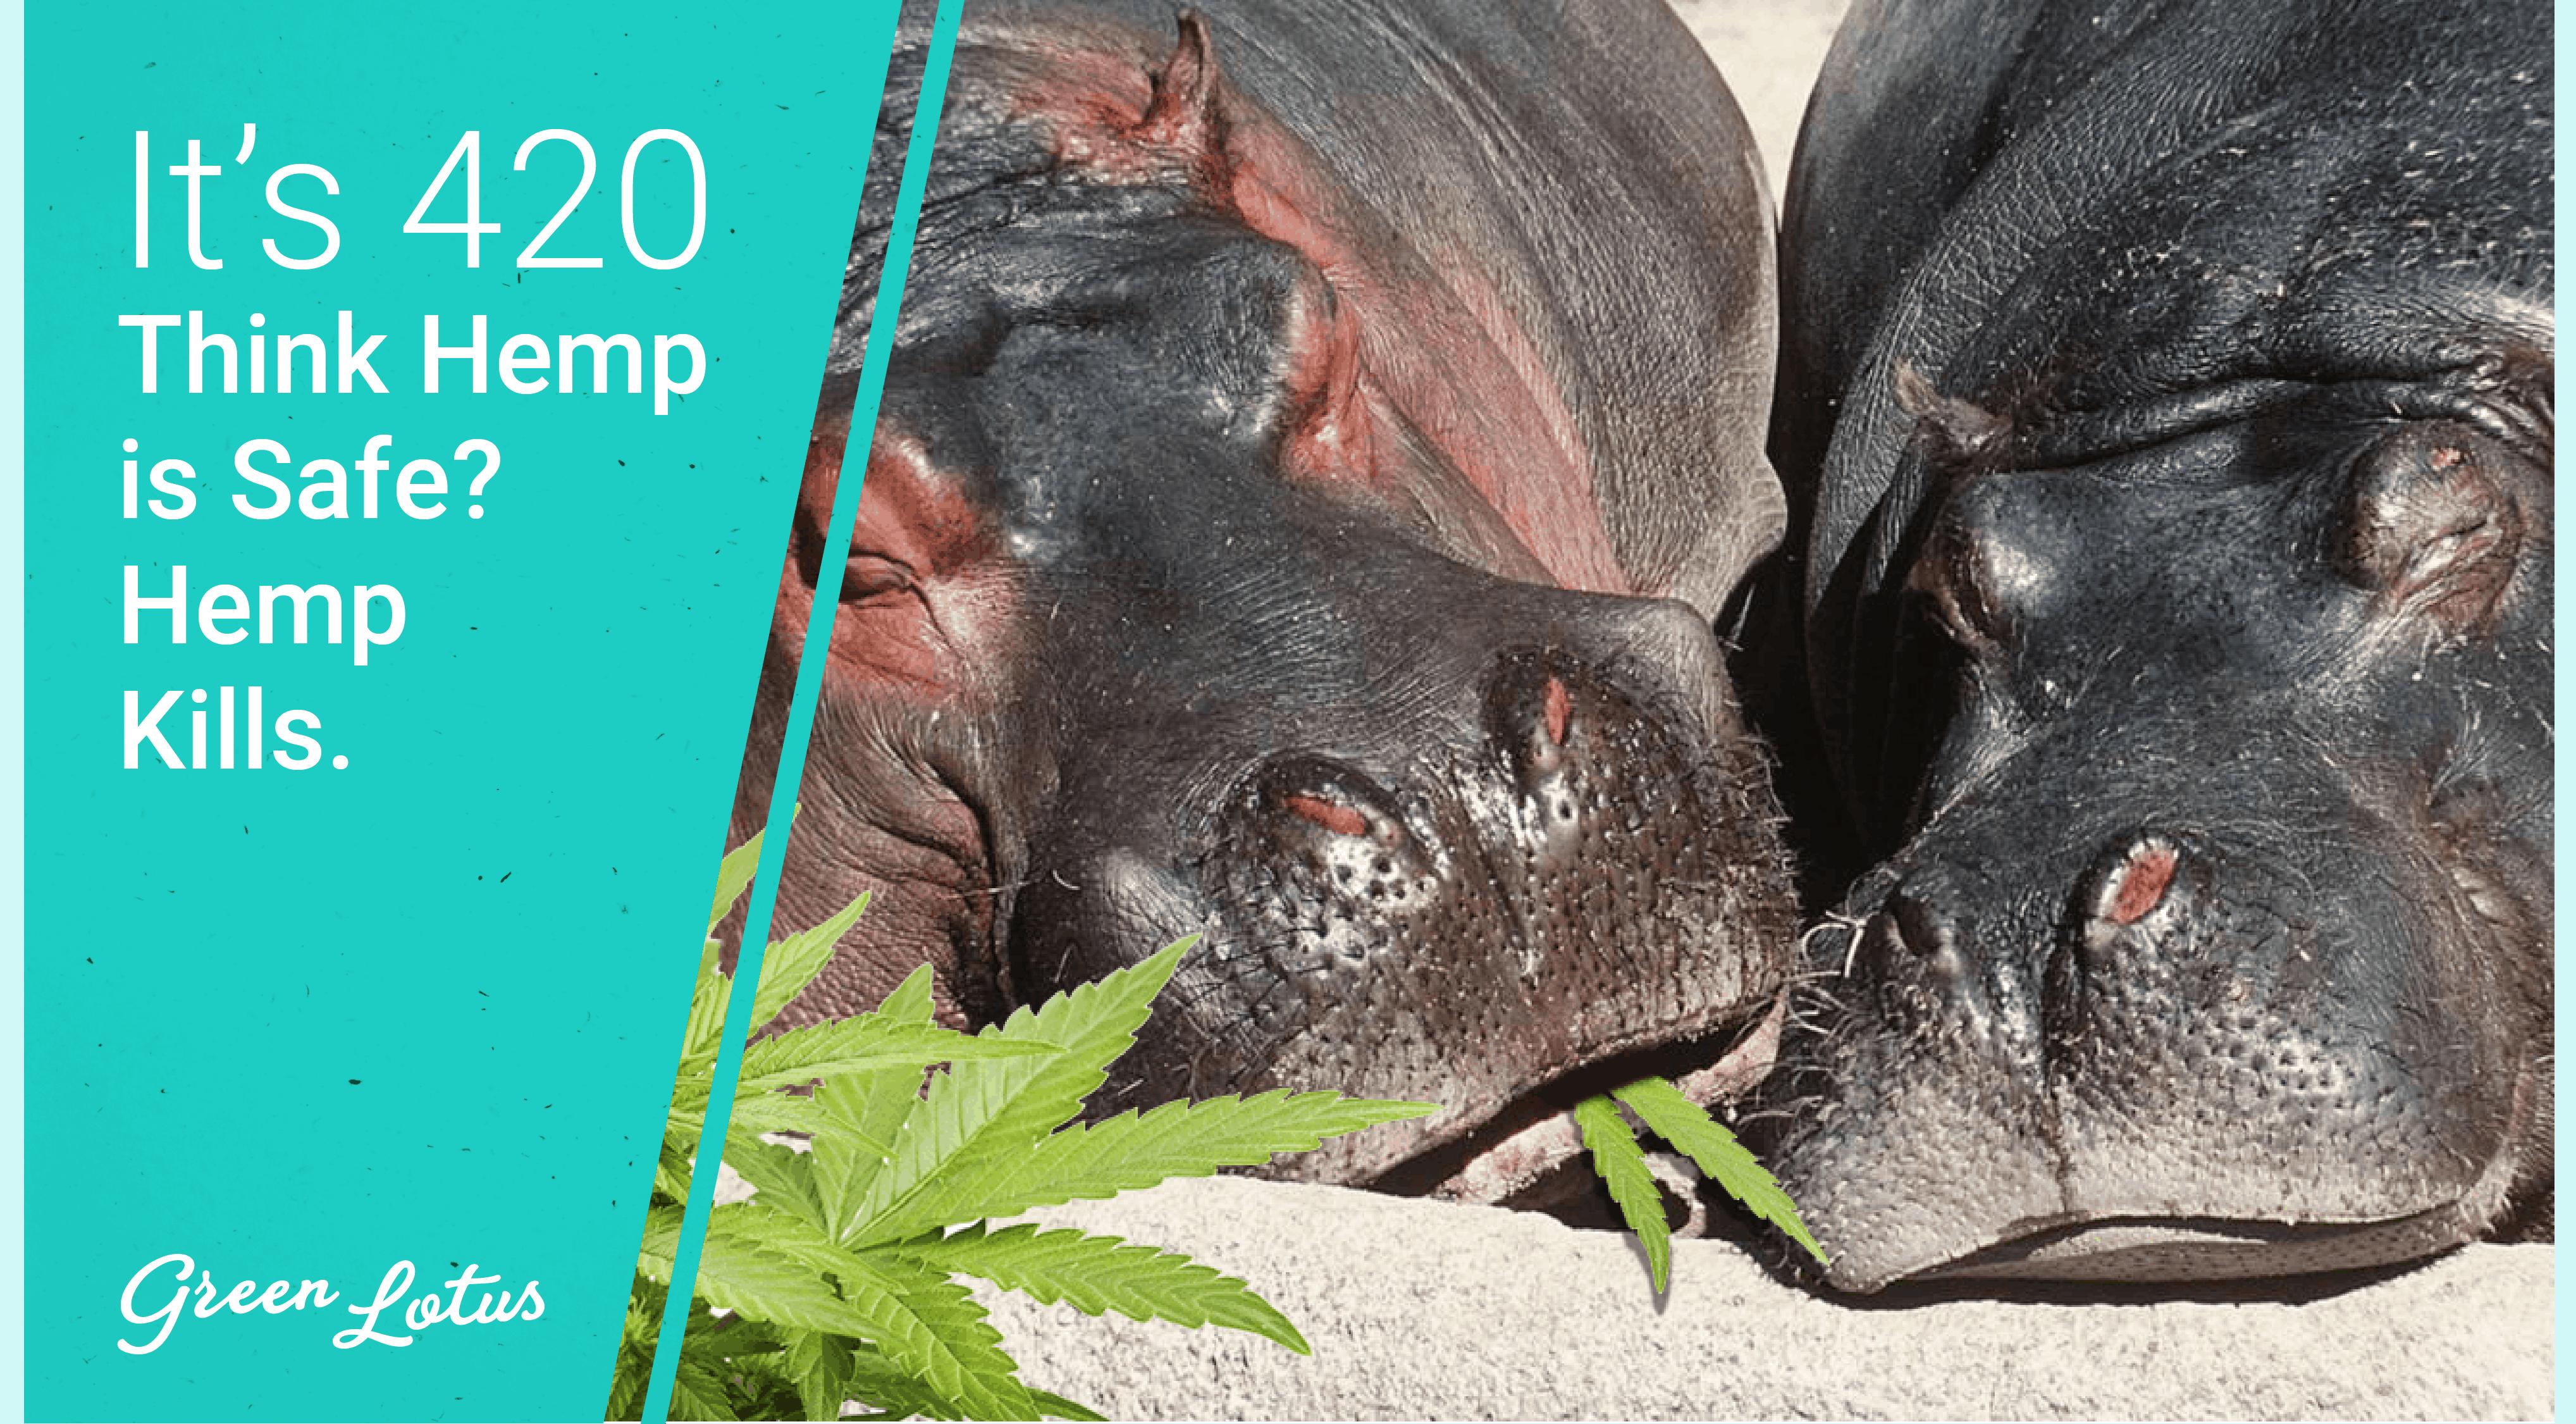 It's 420: Think Hemp Is Safe? Hemp Kills